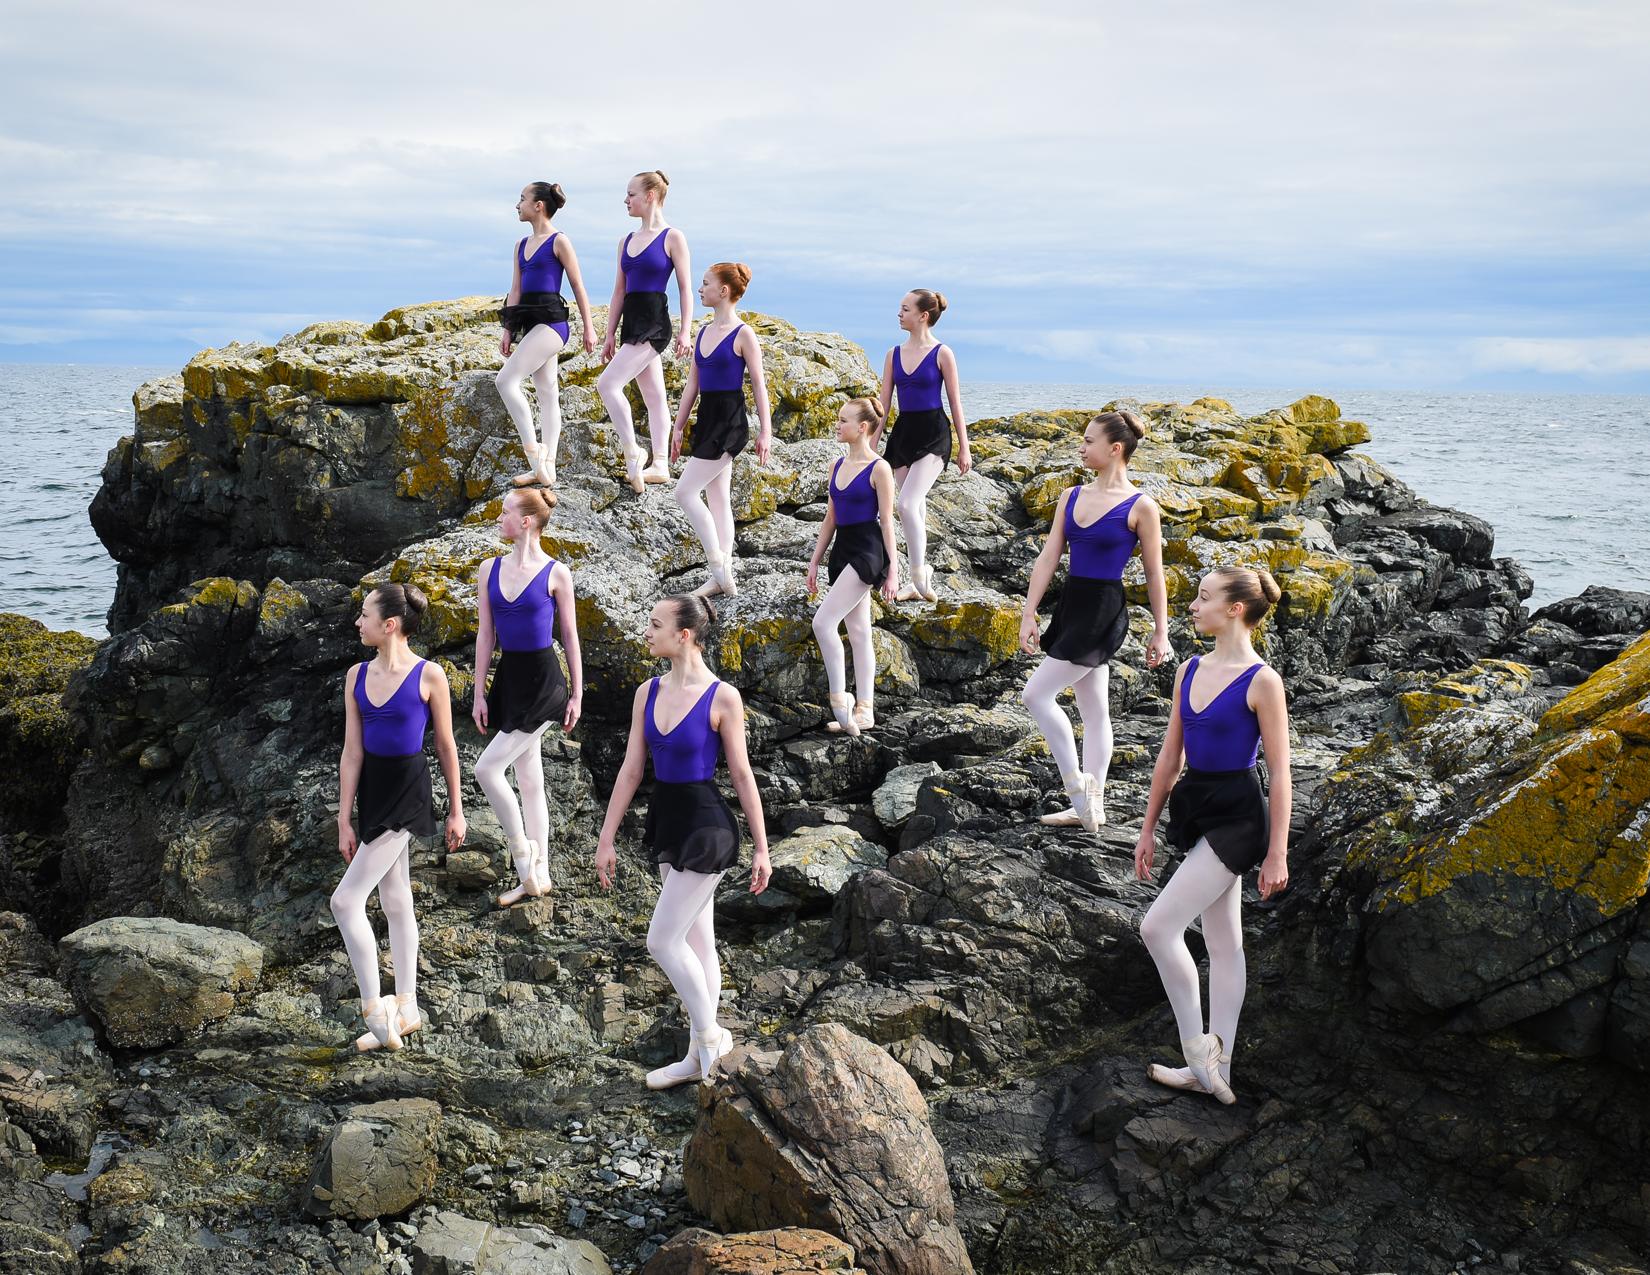 KAPP dancers